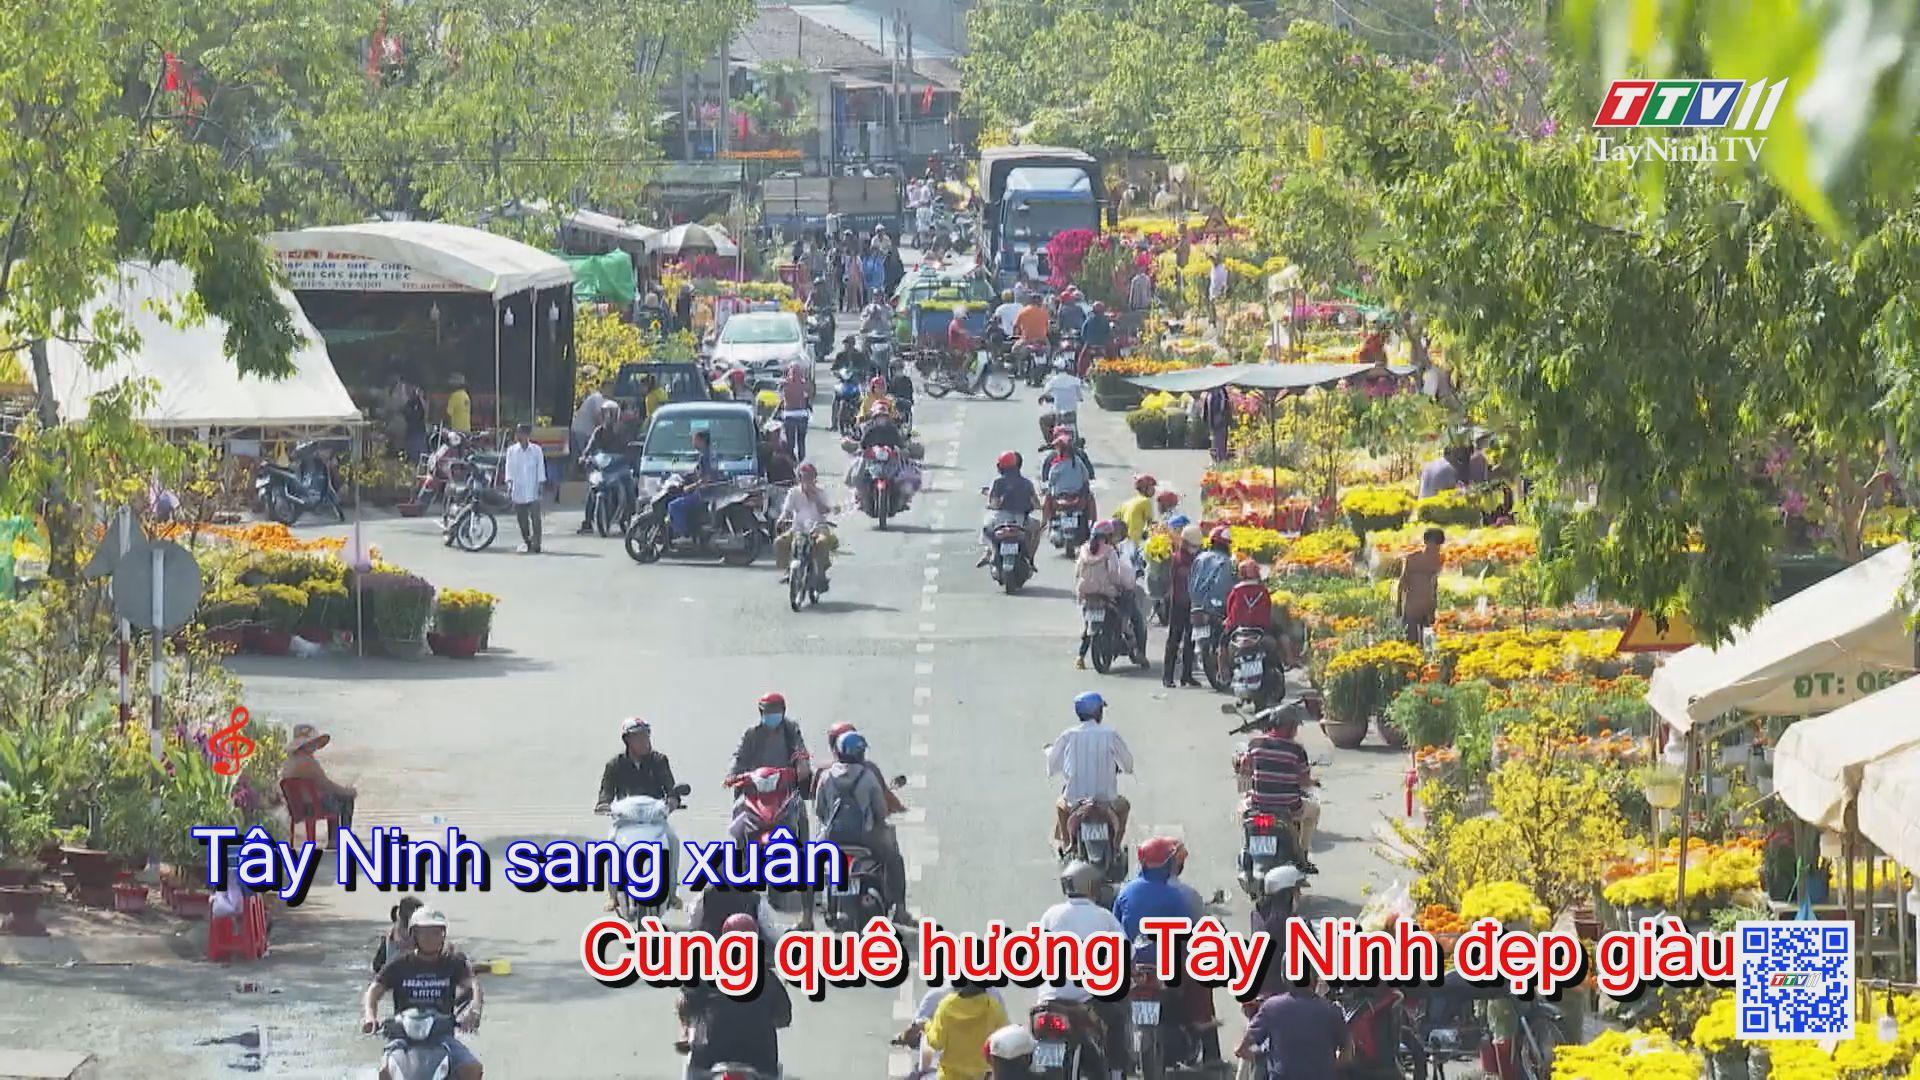 Tây Ninh tình xuân KARAOKE | Tuyển tập karaoke Tây Ninh tình yêu trong tôi | TayNinhTV